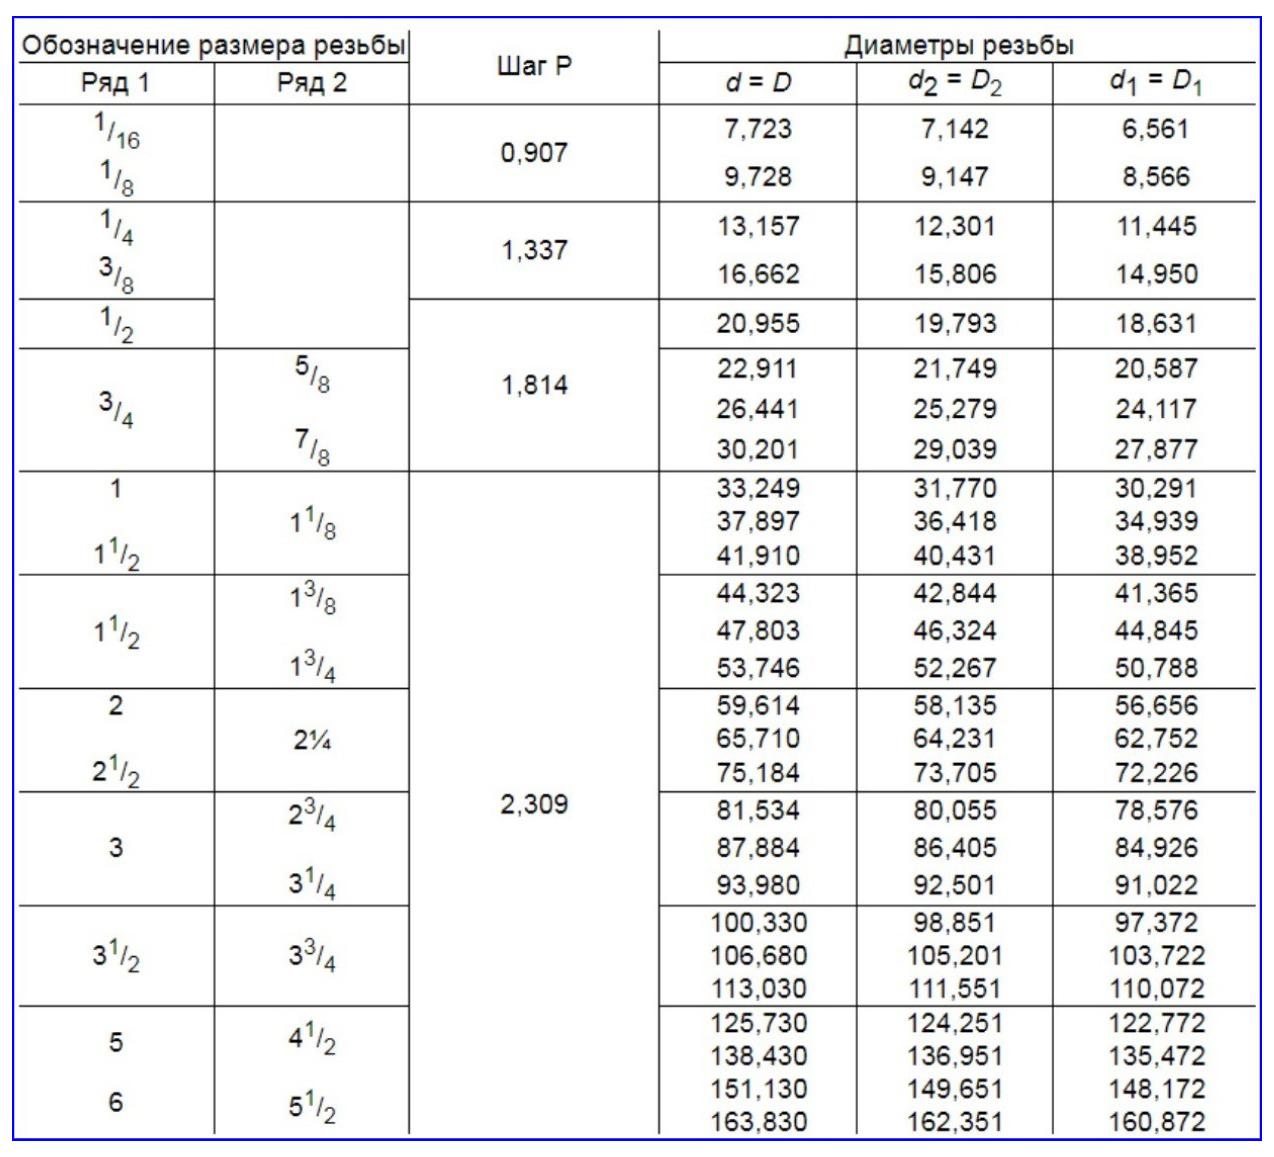 Трубная резьба размеры таблица по ГОСТ 6357-81.